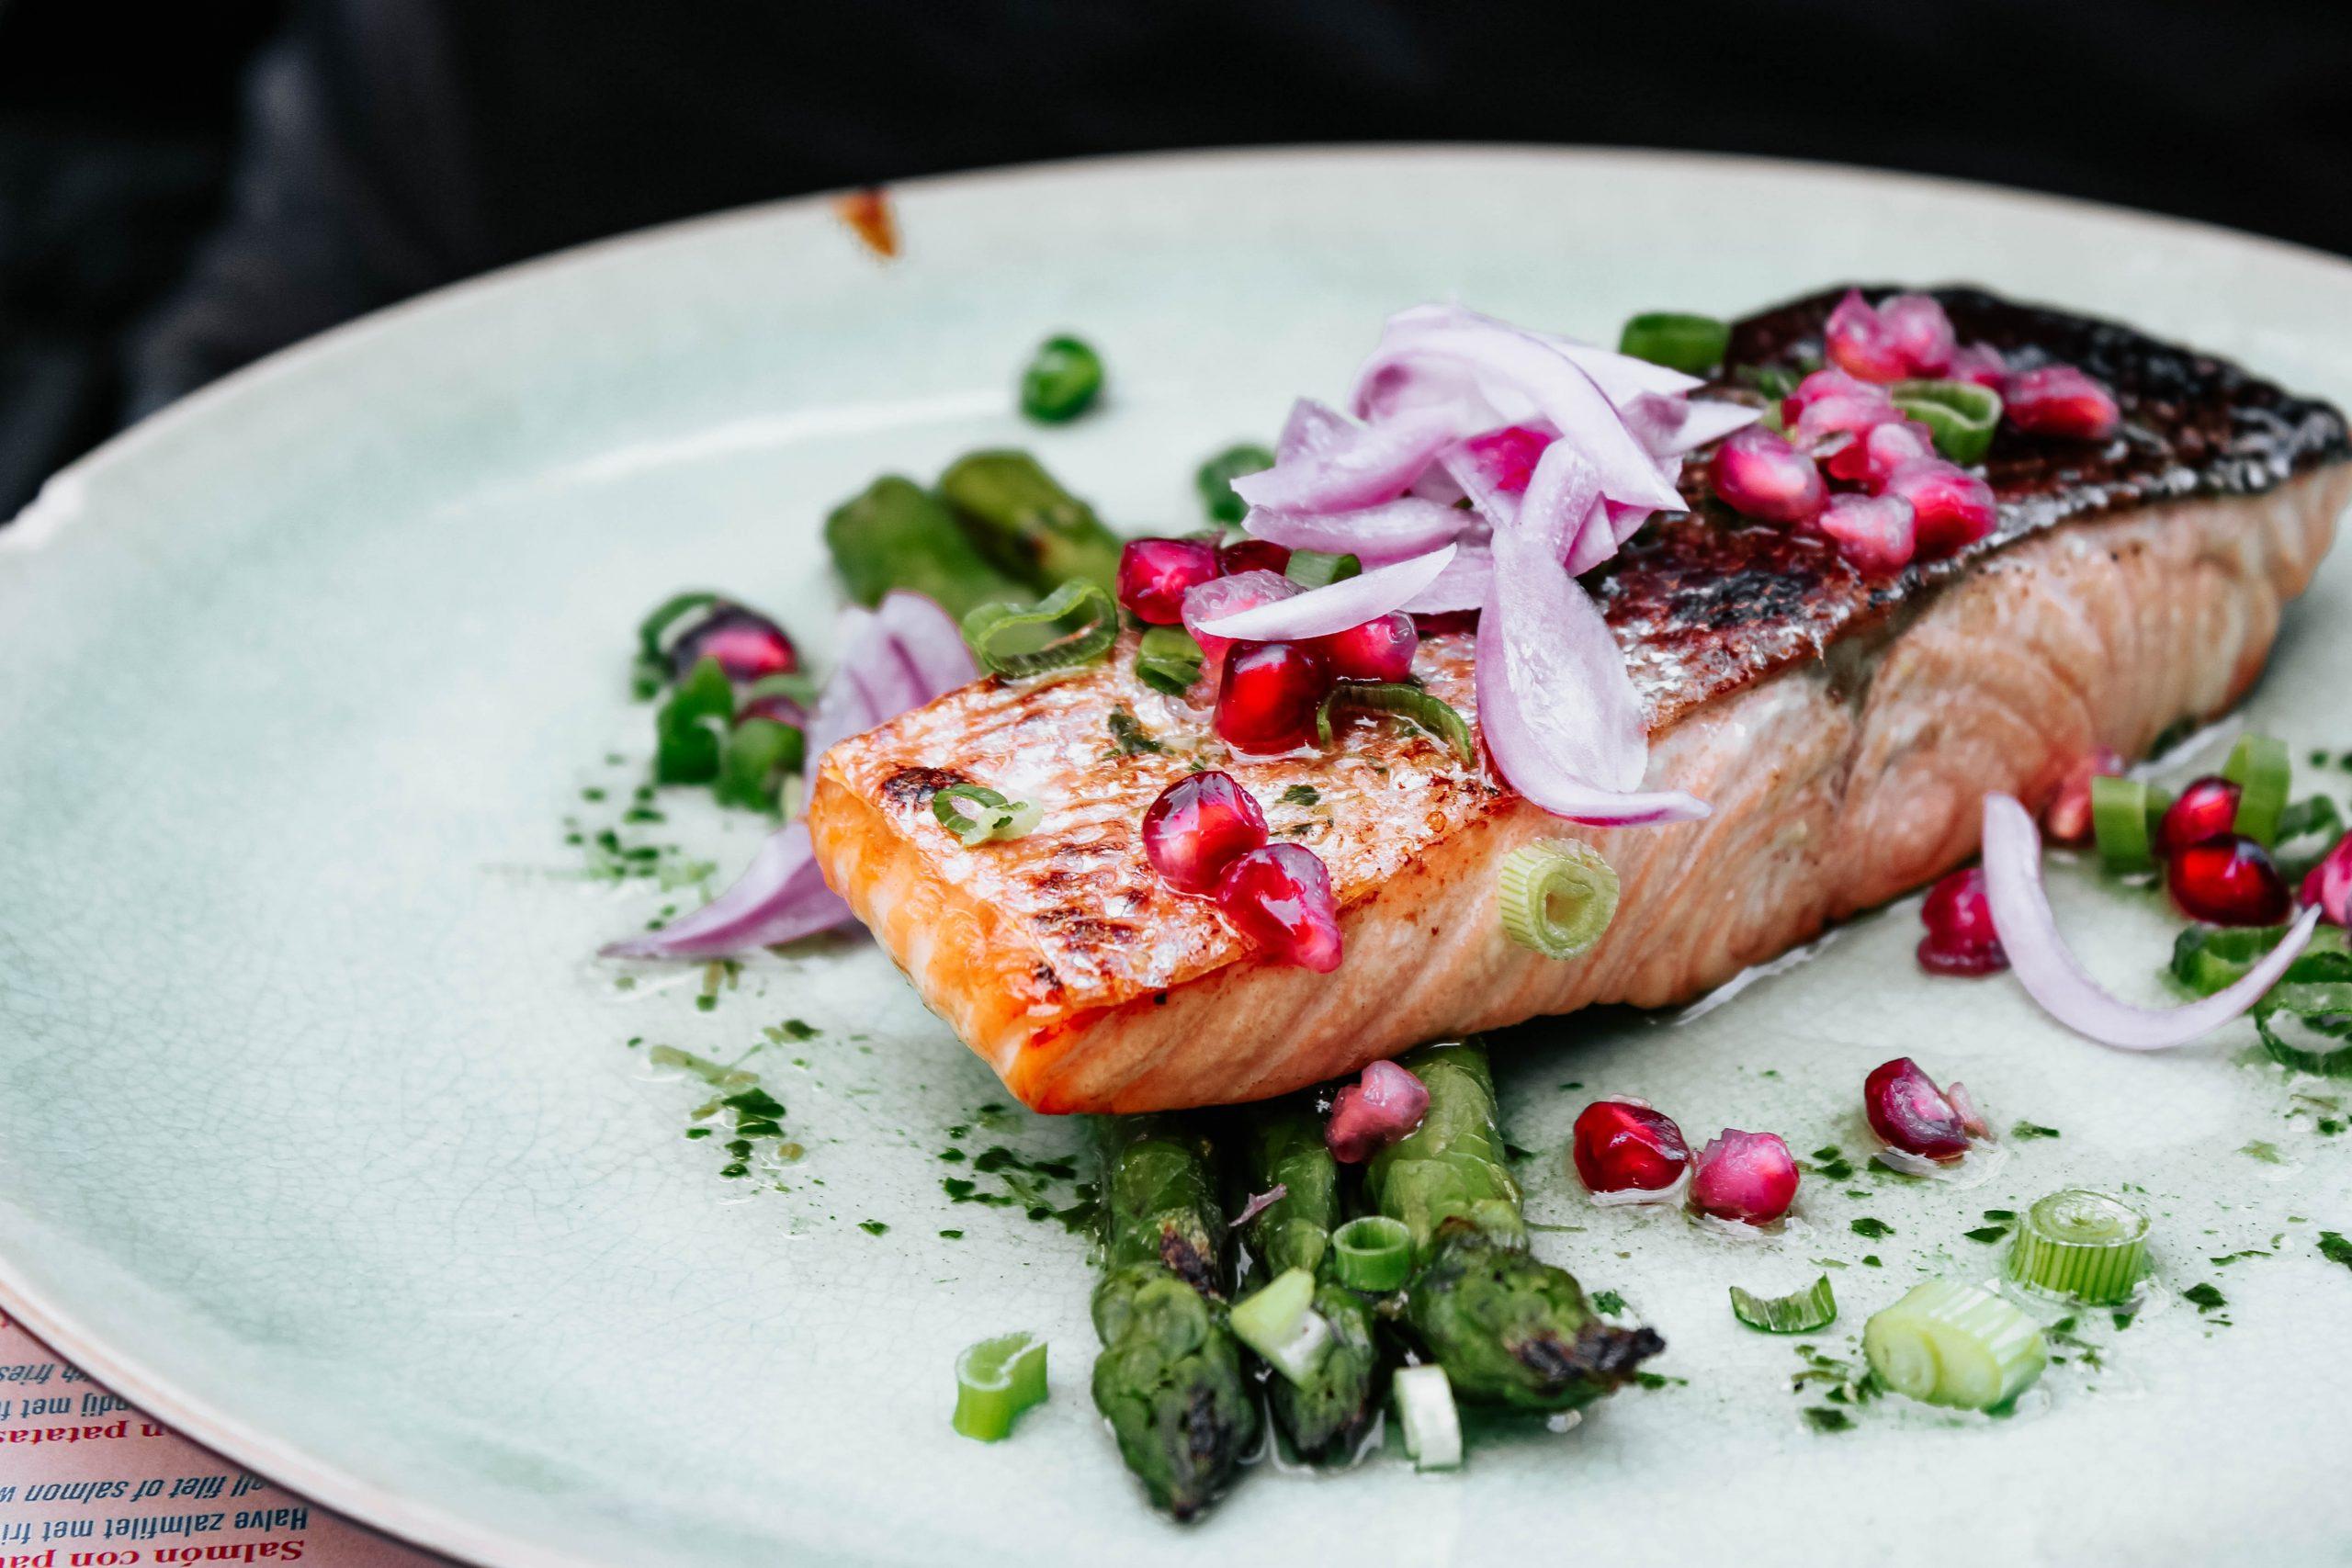 Have a protein rich diet